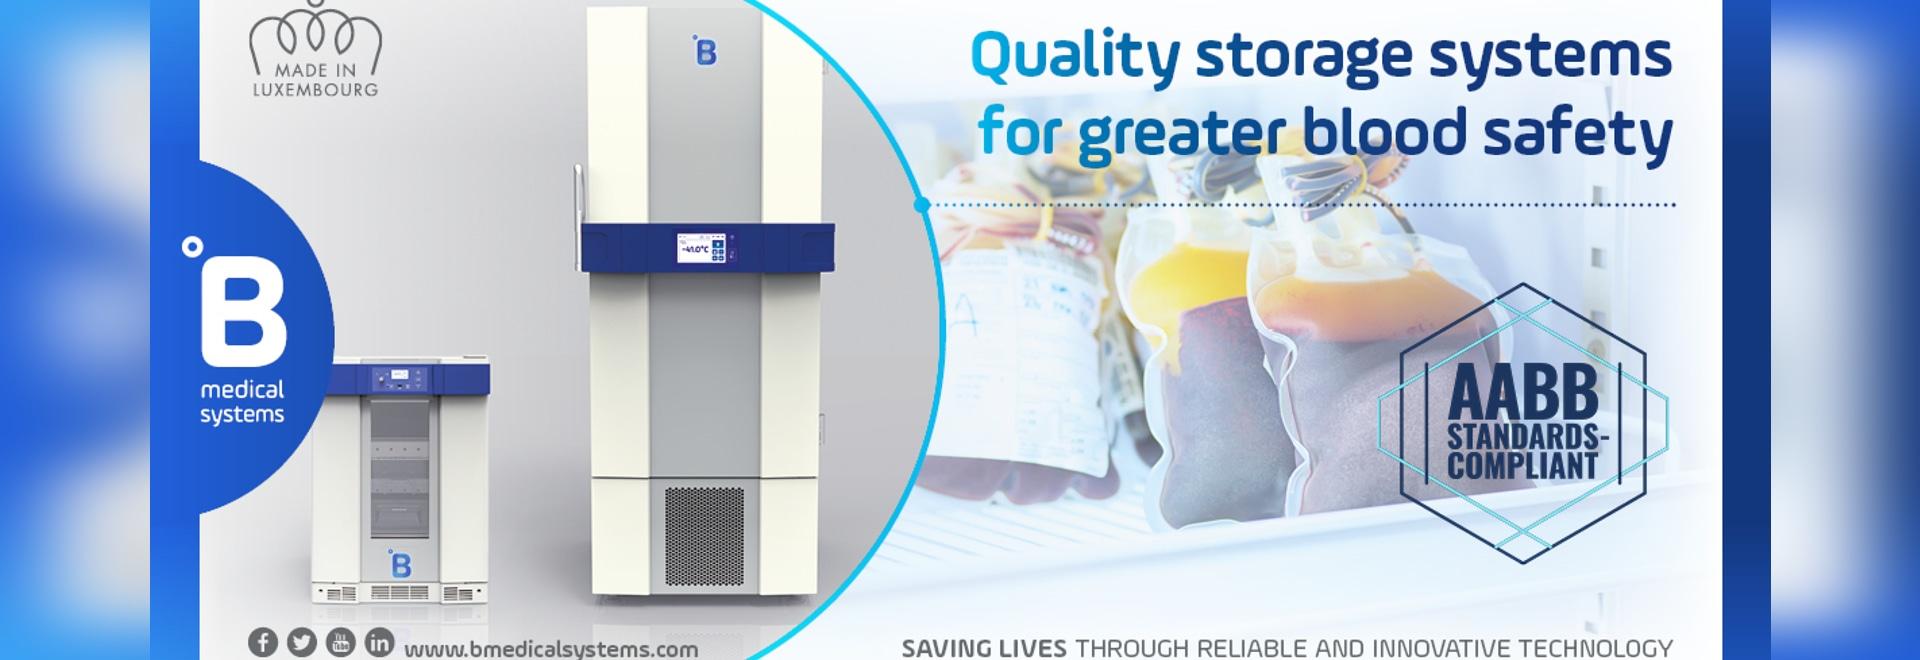 Les solutions de stockage du sang de B Medical Systems officiellement approuvées comme étant conformes aux normes de l'AABB